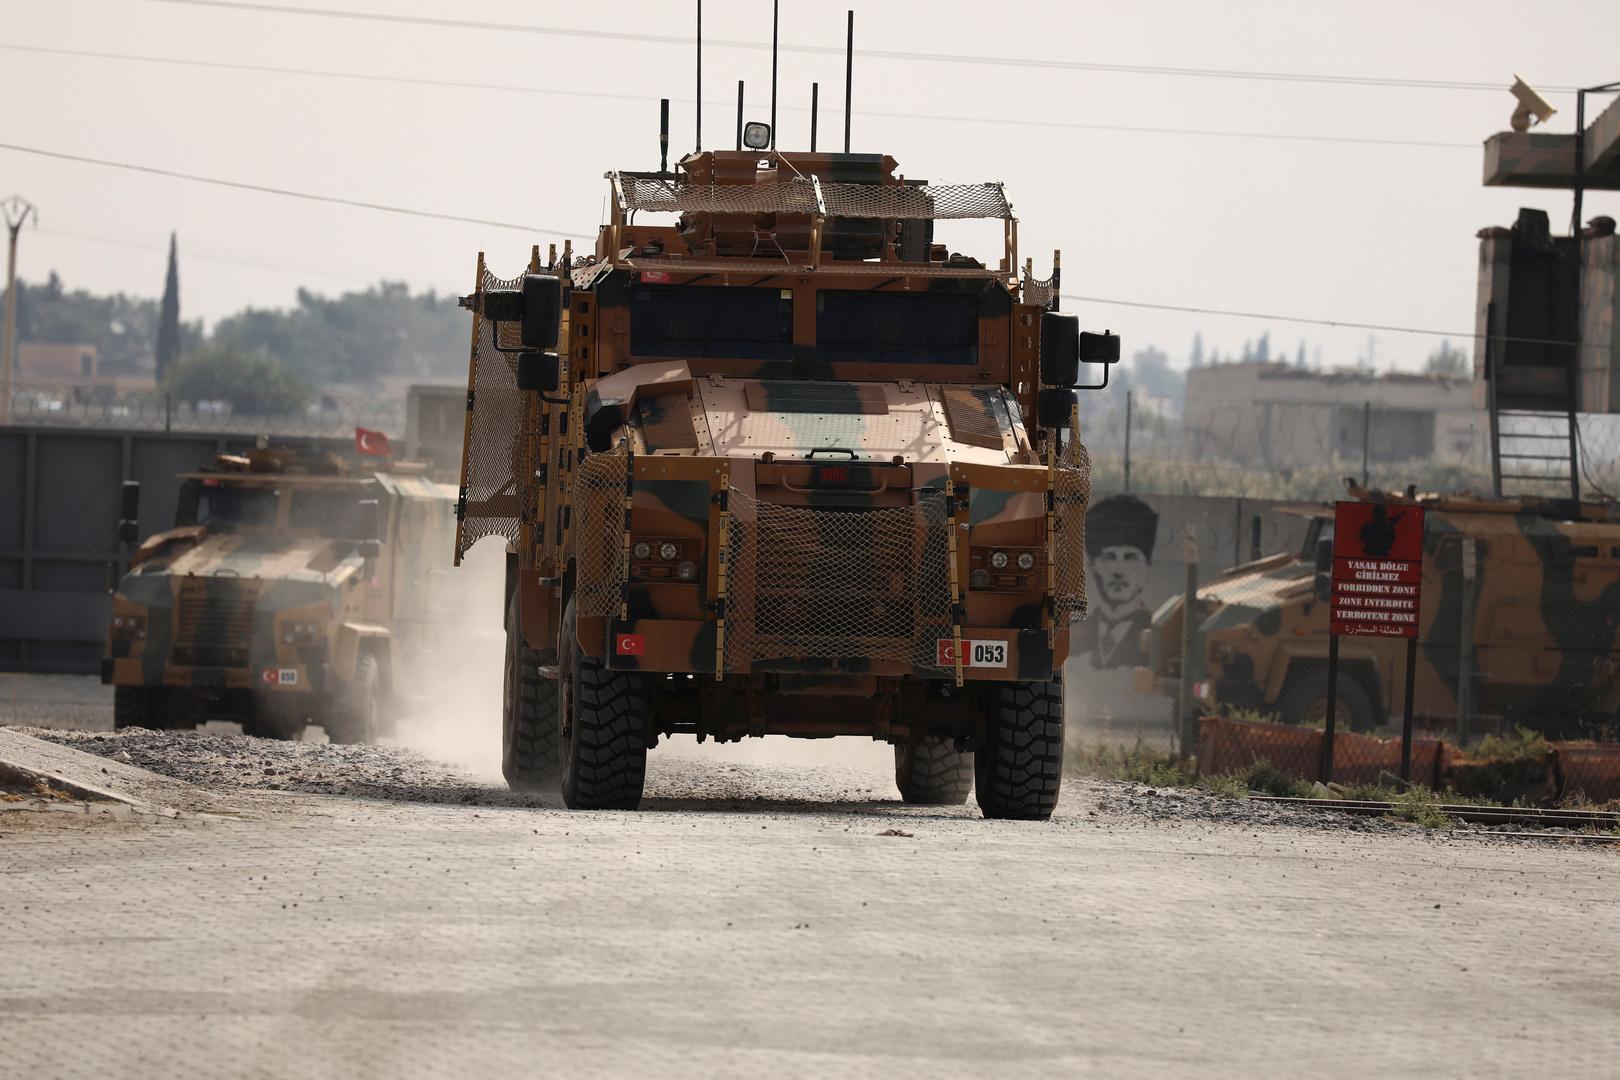 وحدات عسكرية تركية تعود من تل أبيض السورية إلى داخل تركيا